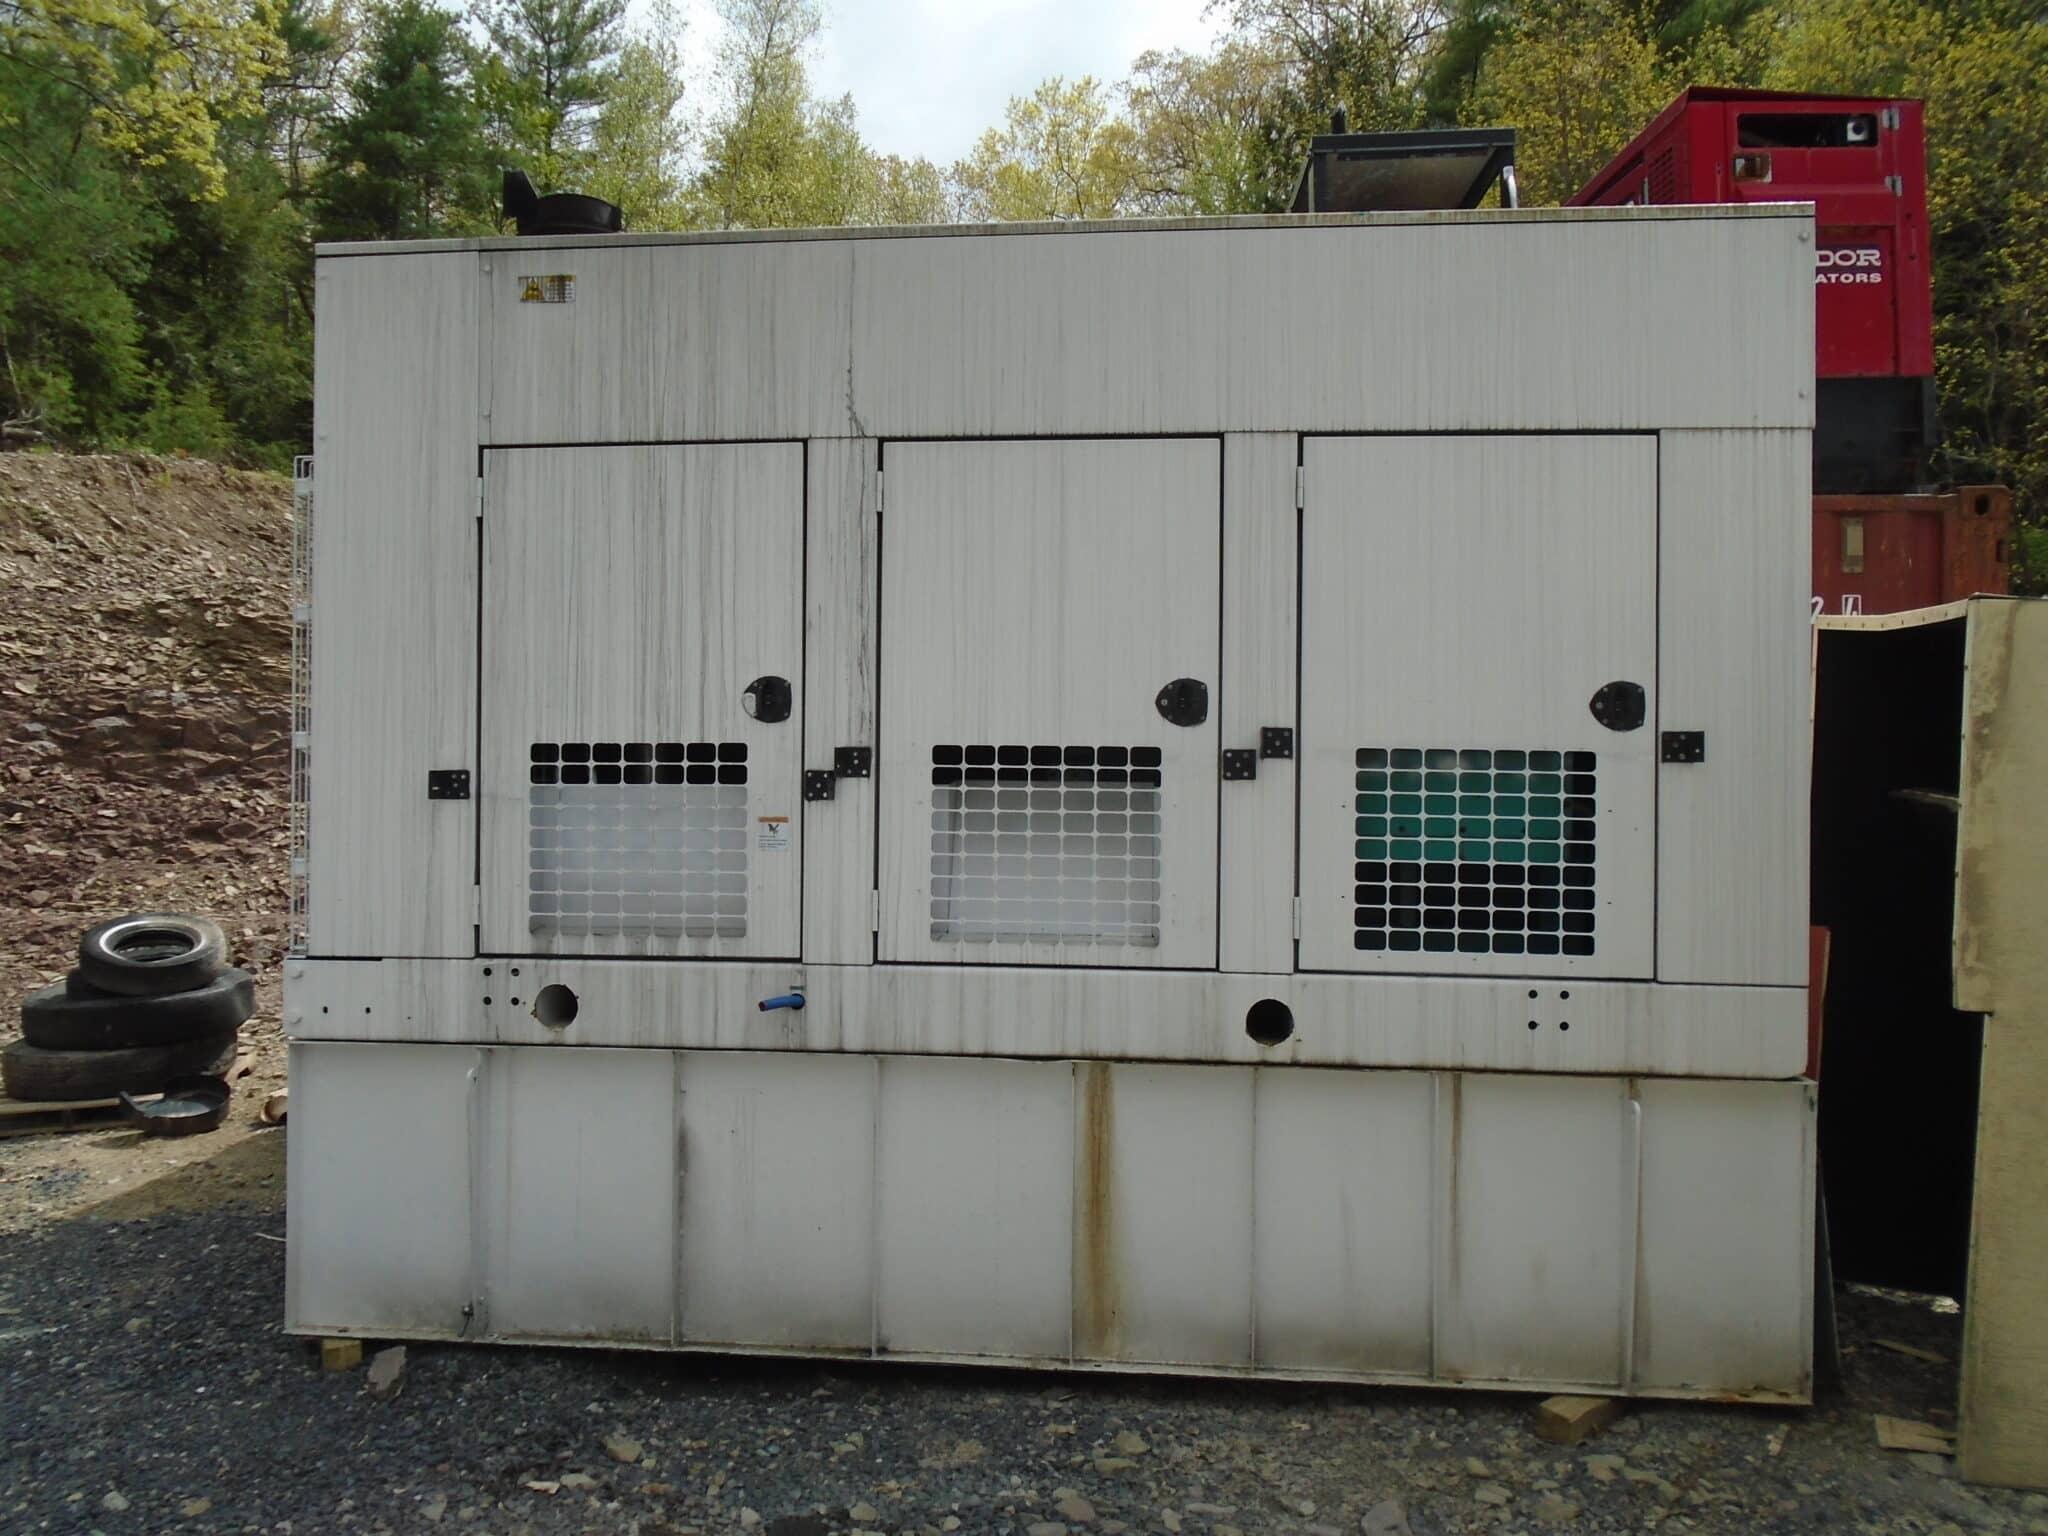 Used 500 kW Cummins DFEK Diesel Generator – JUST IN!